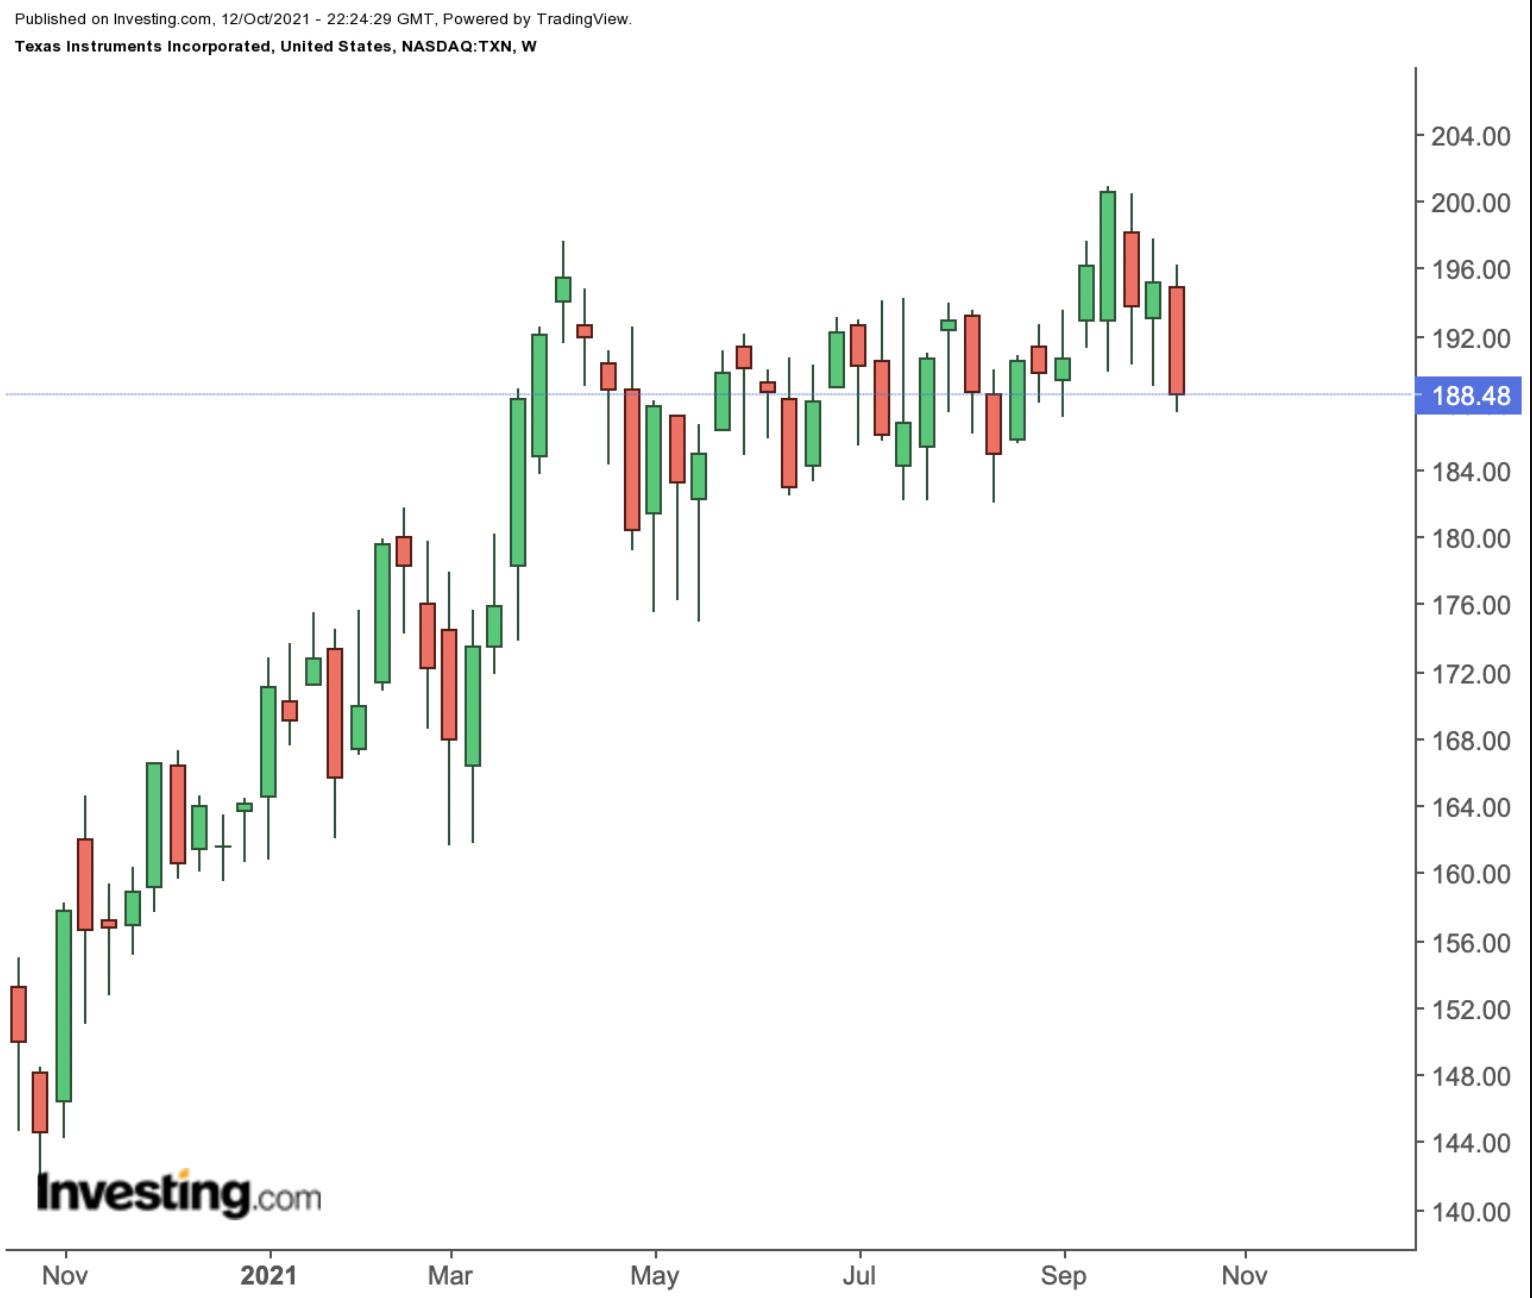 德州儀器周線圖,來源:Investing.com